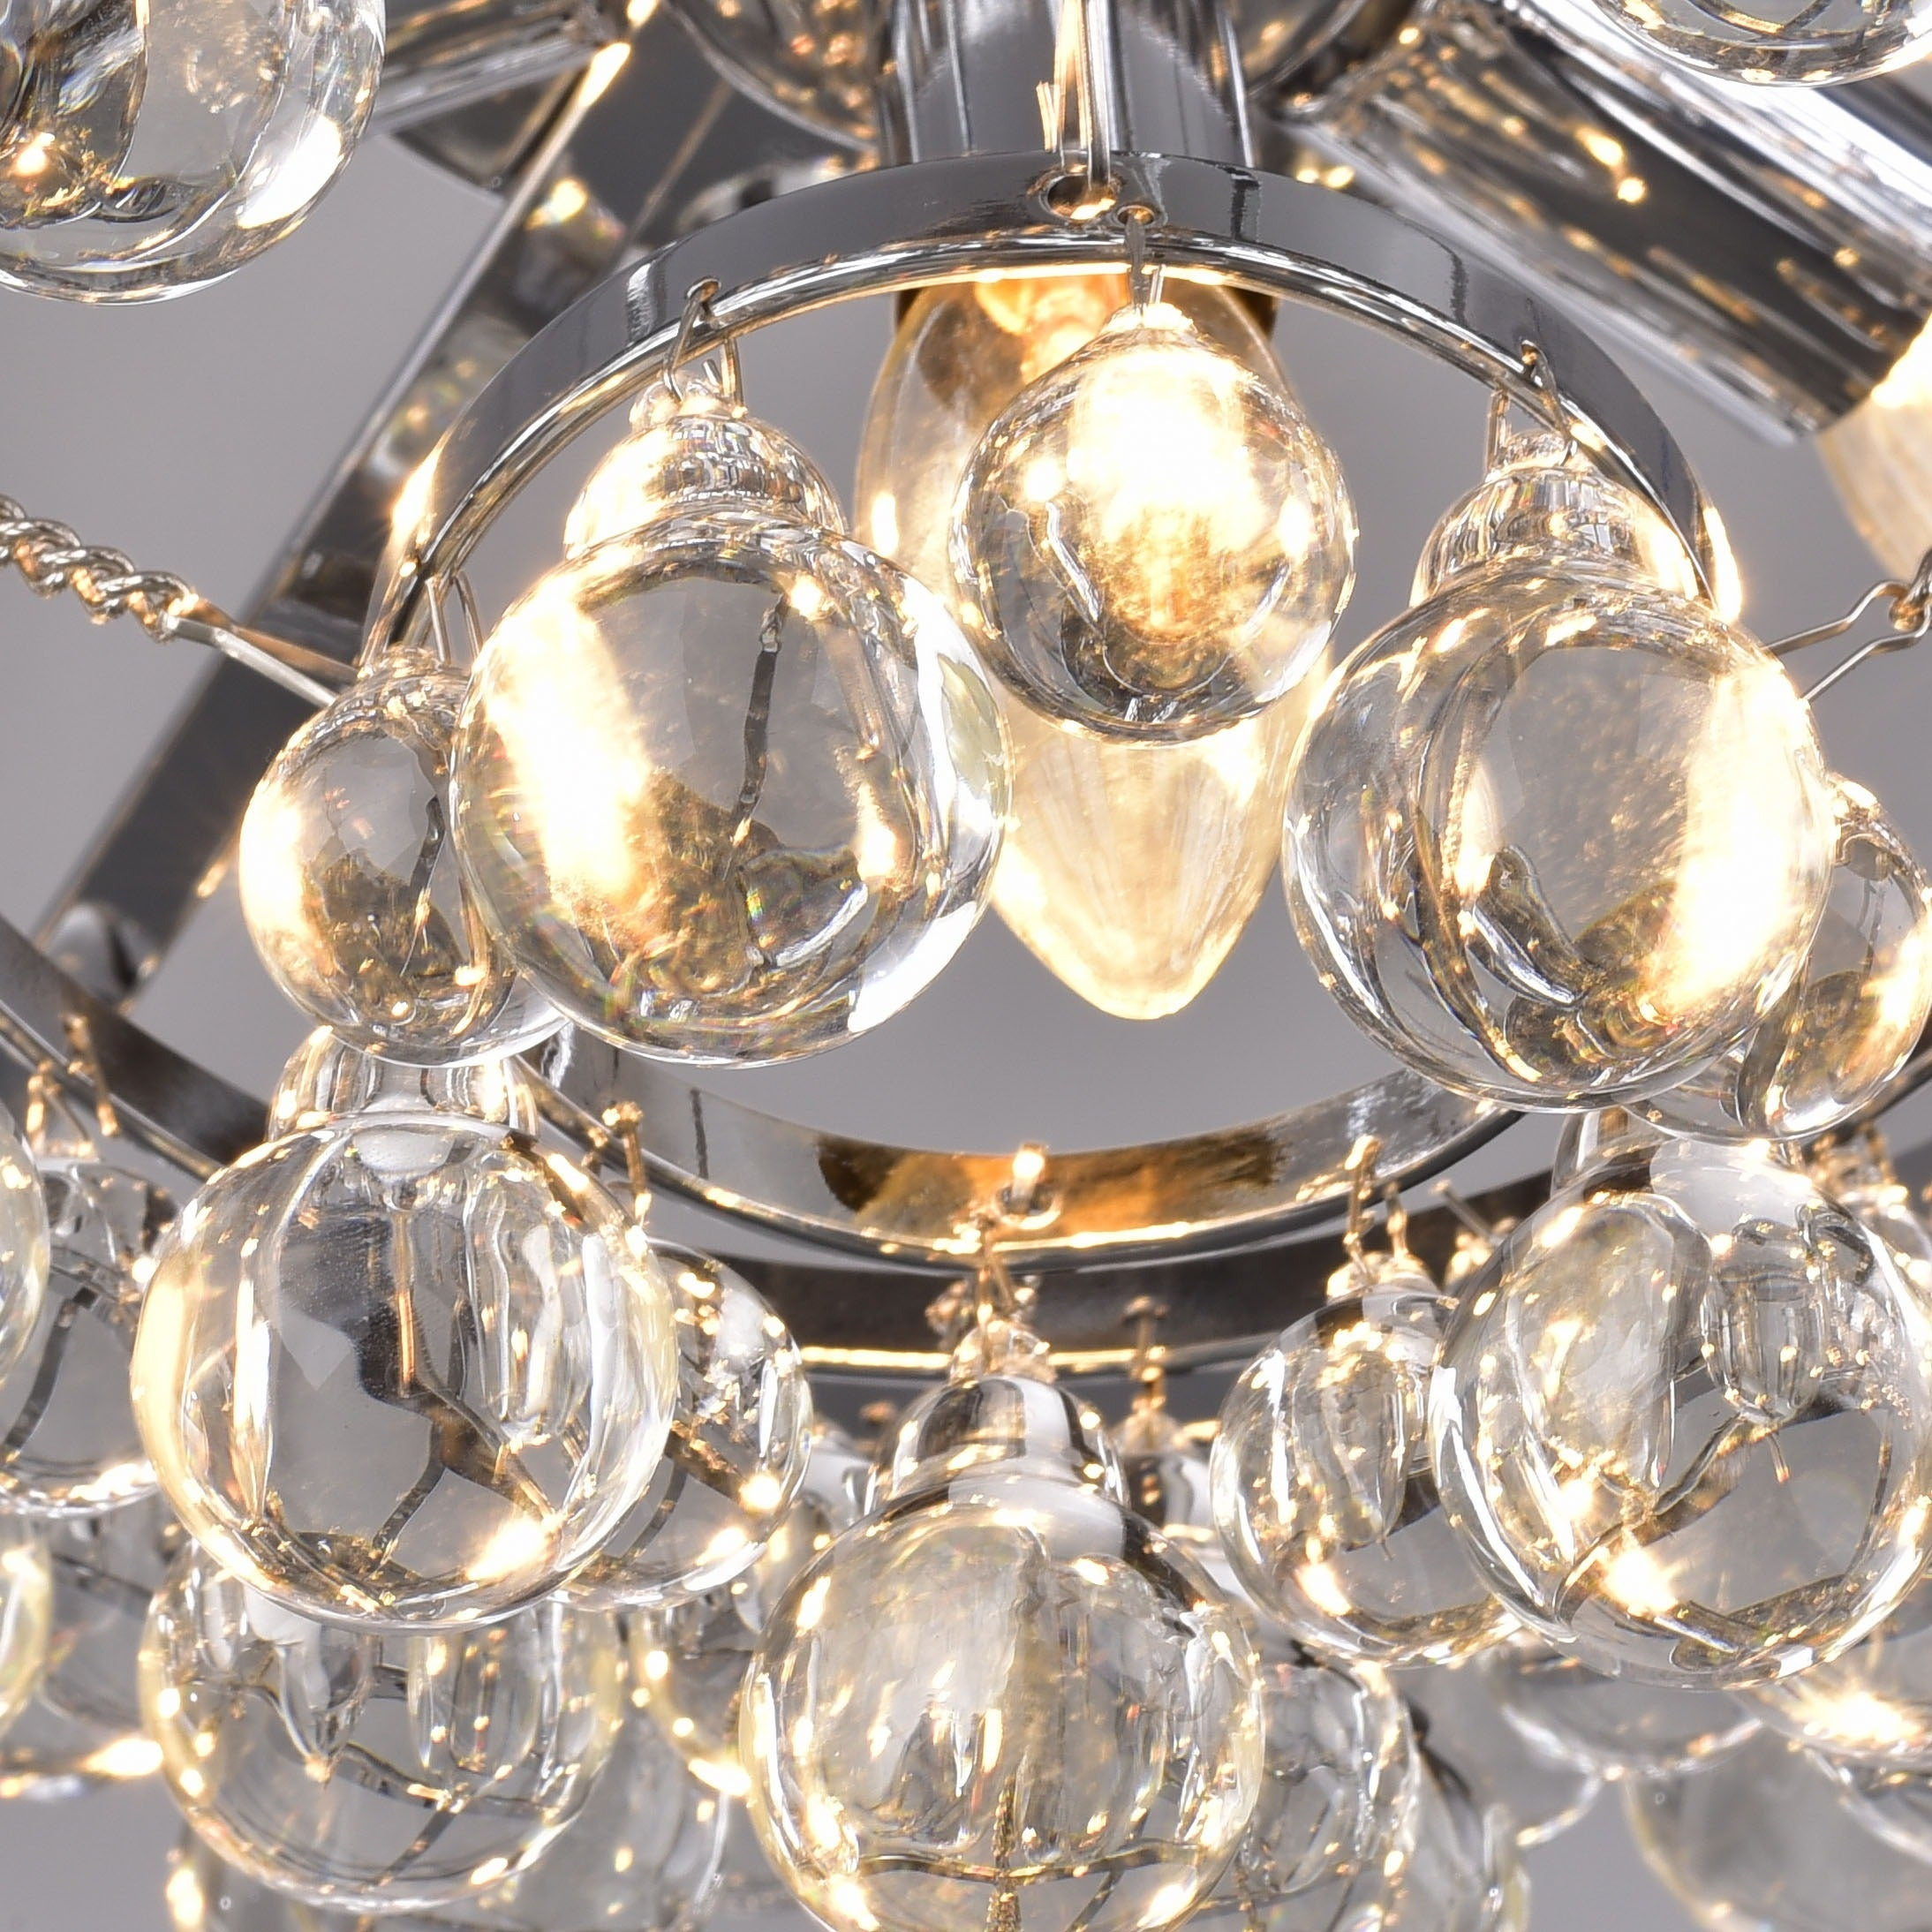 chandeliers il century light chandelier ceiling flush lighting listing mount fullxfull lamp sputnik modern mid